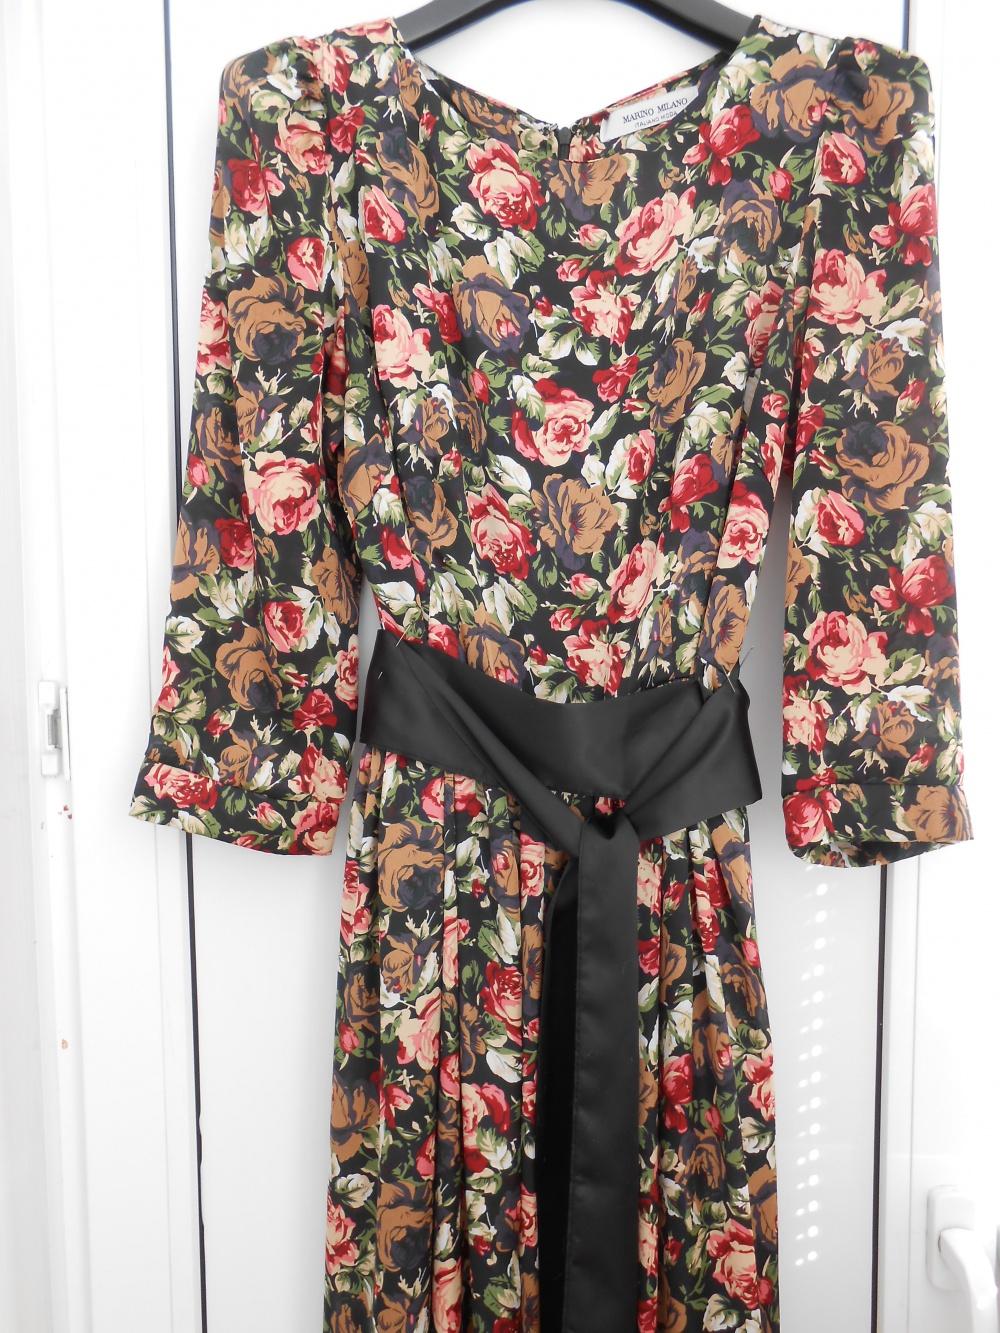 Итальянское платье в пол р. 44, в магазине Другой магазин — на Шопоголик 242c41437a9